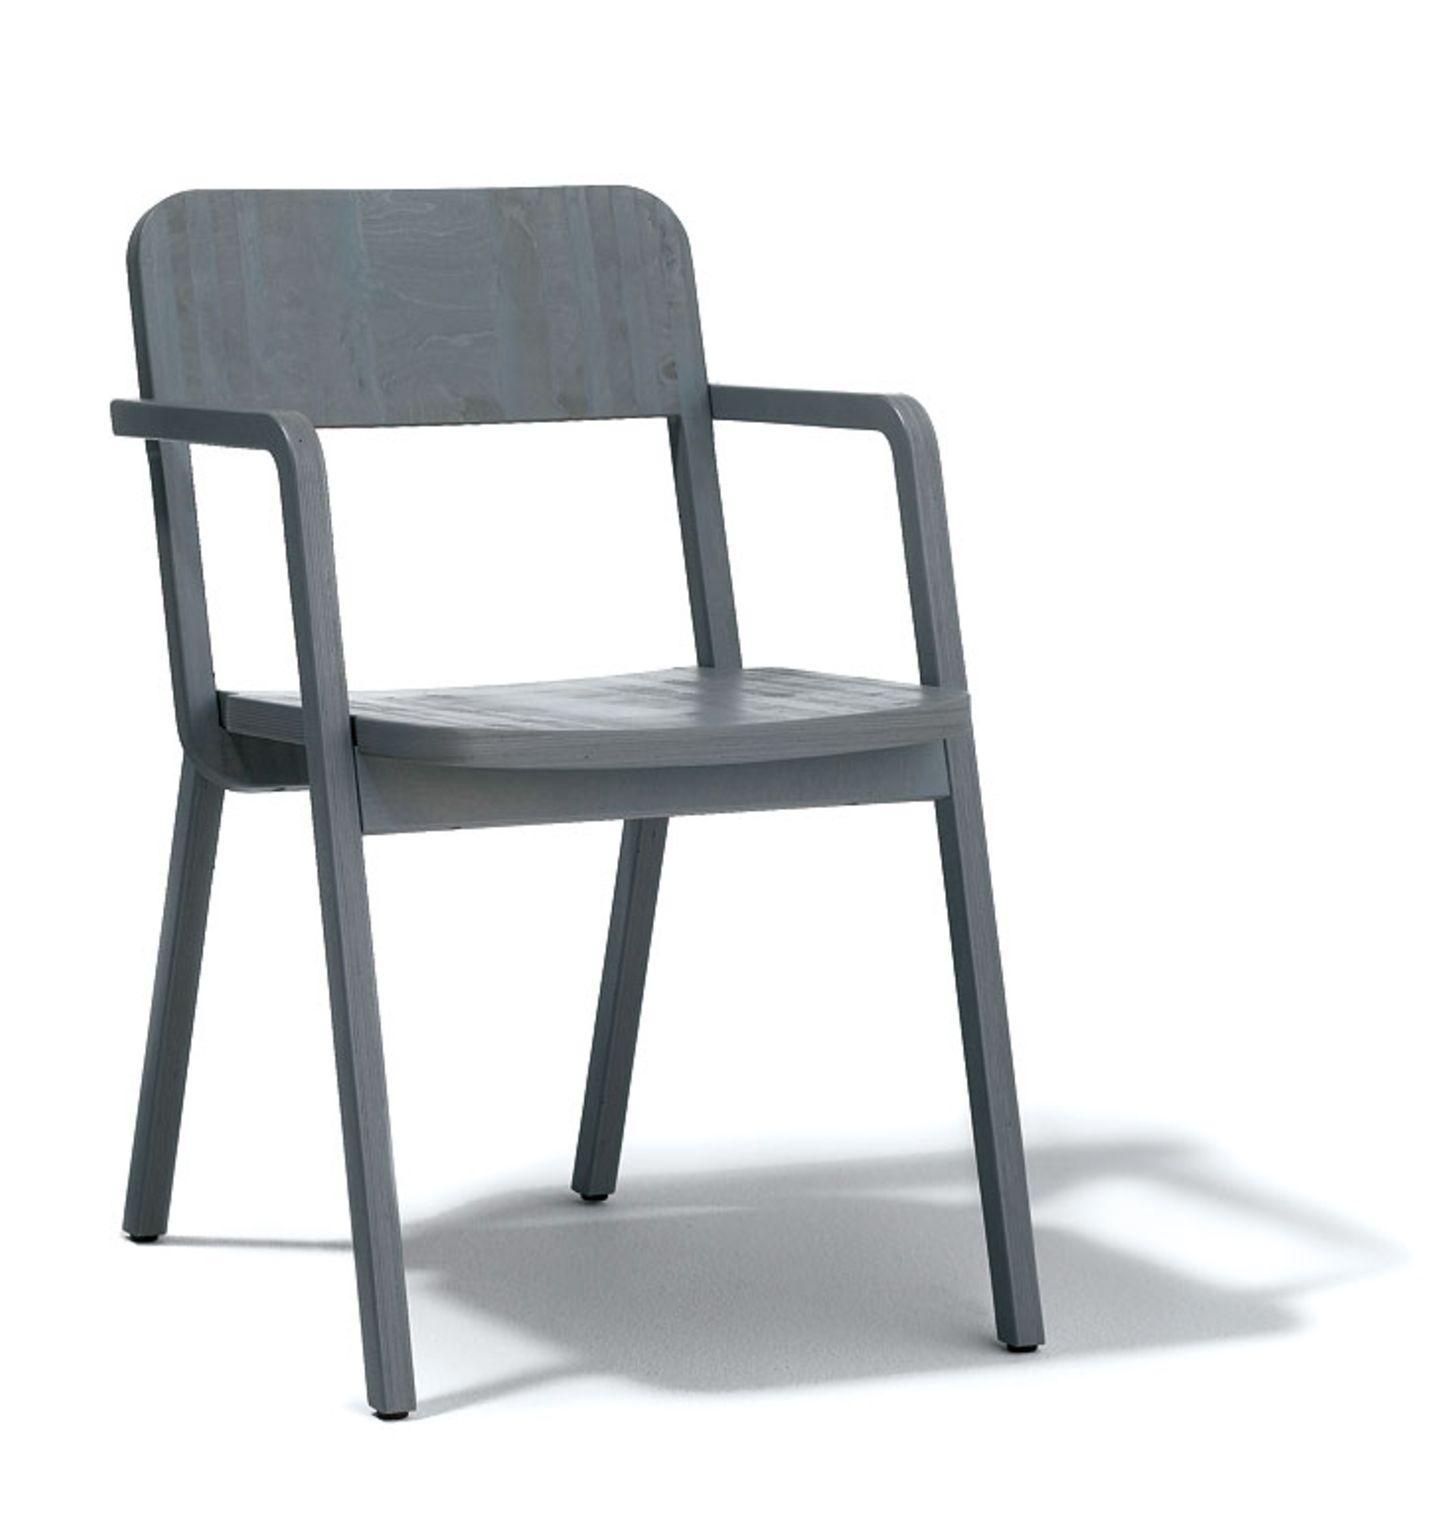 """Stuhl """"Prater Chair"""" von Richard Lampert"""